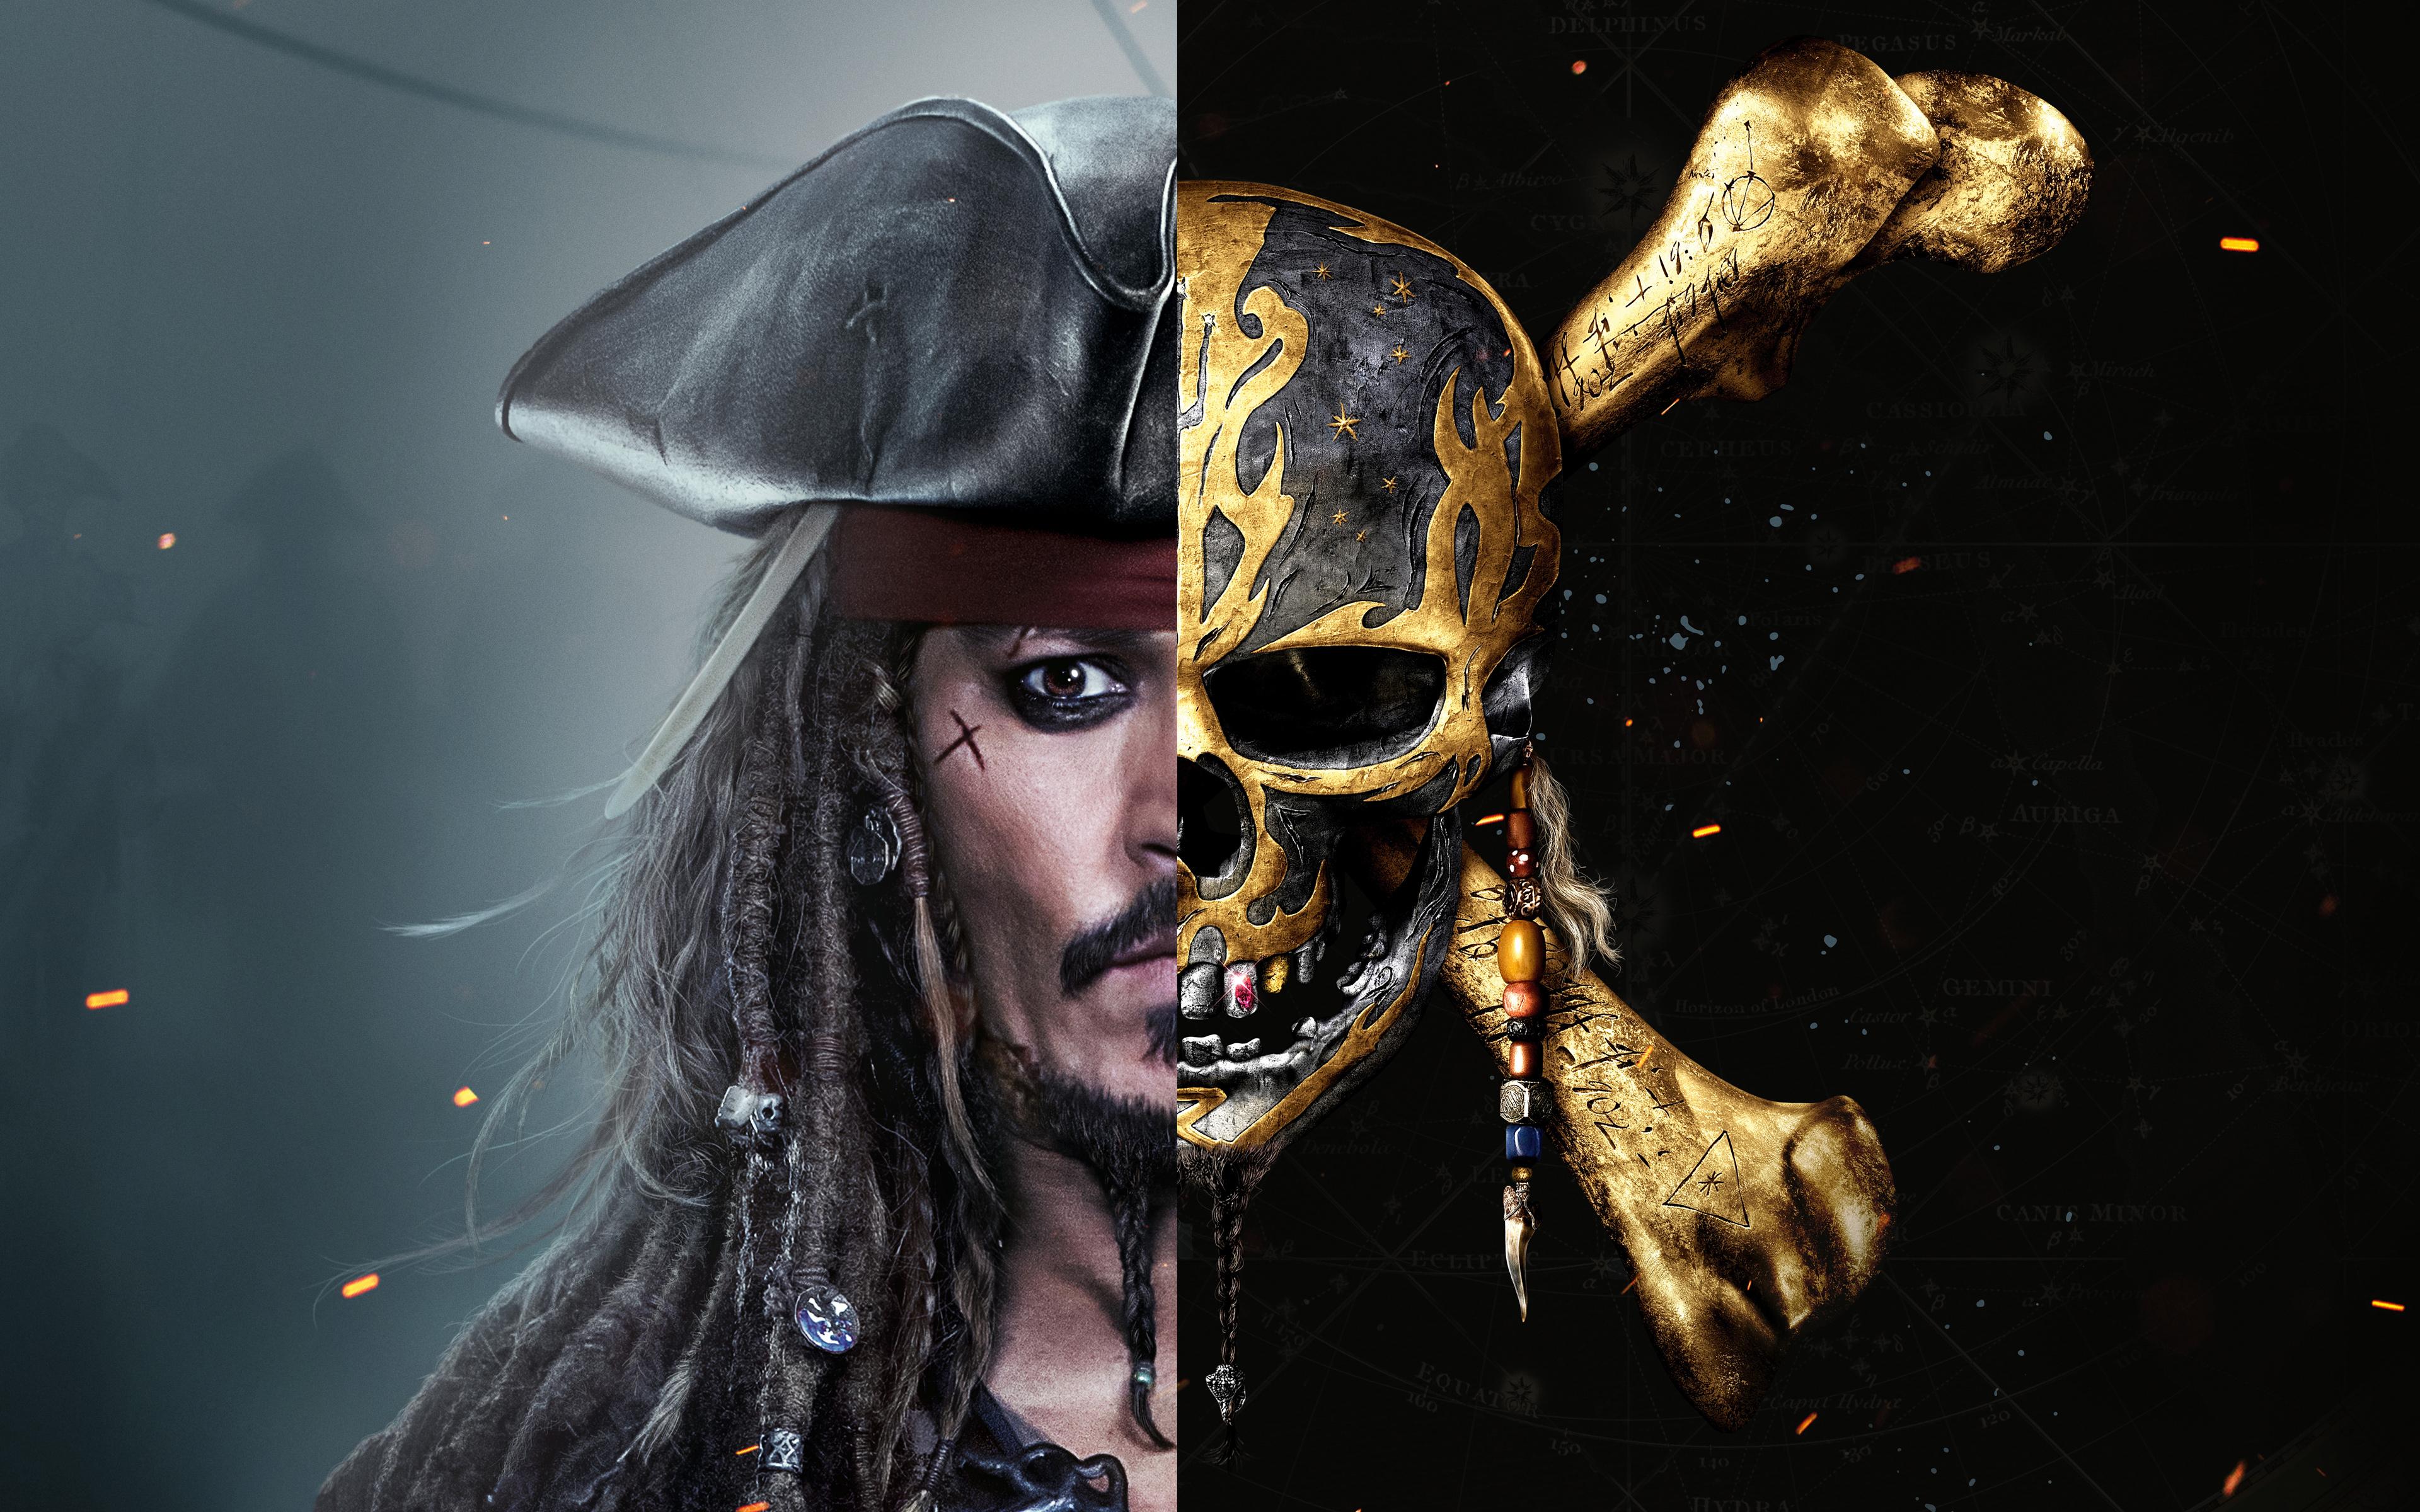 Джек Воробей Пираты Карибского моря salazars месть 8к. обои скачать